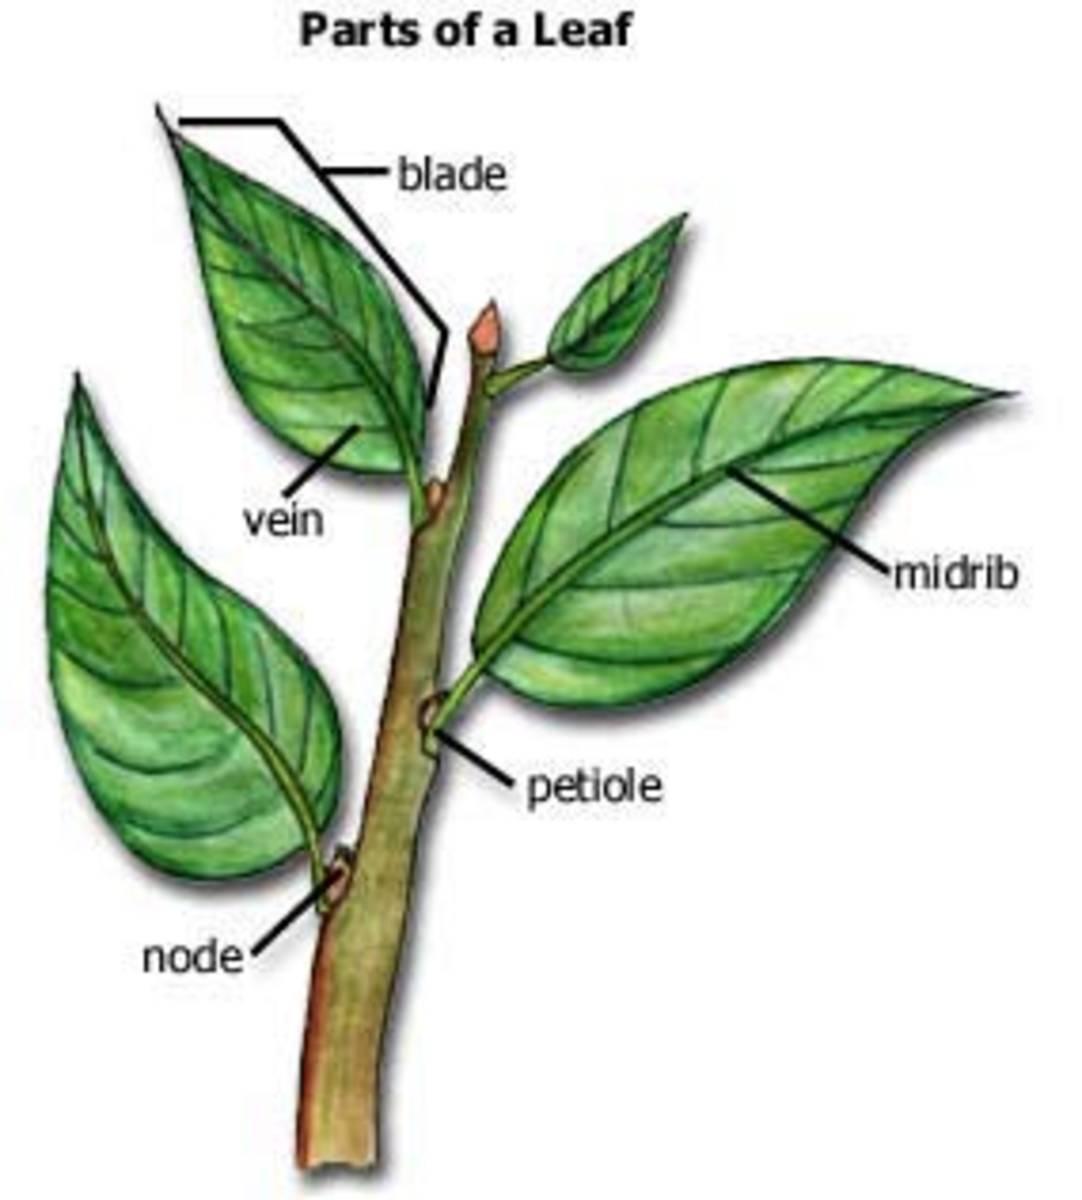 Basic diagram of a leaf